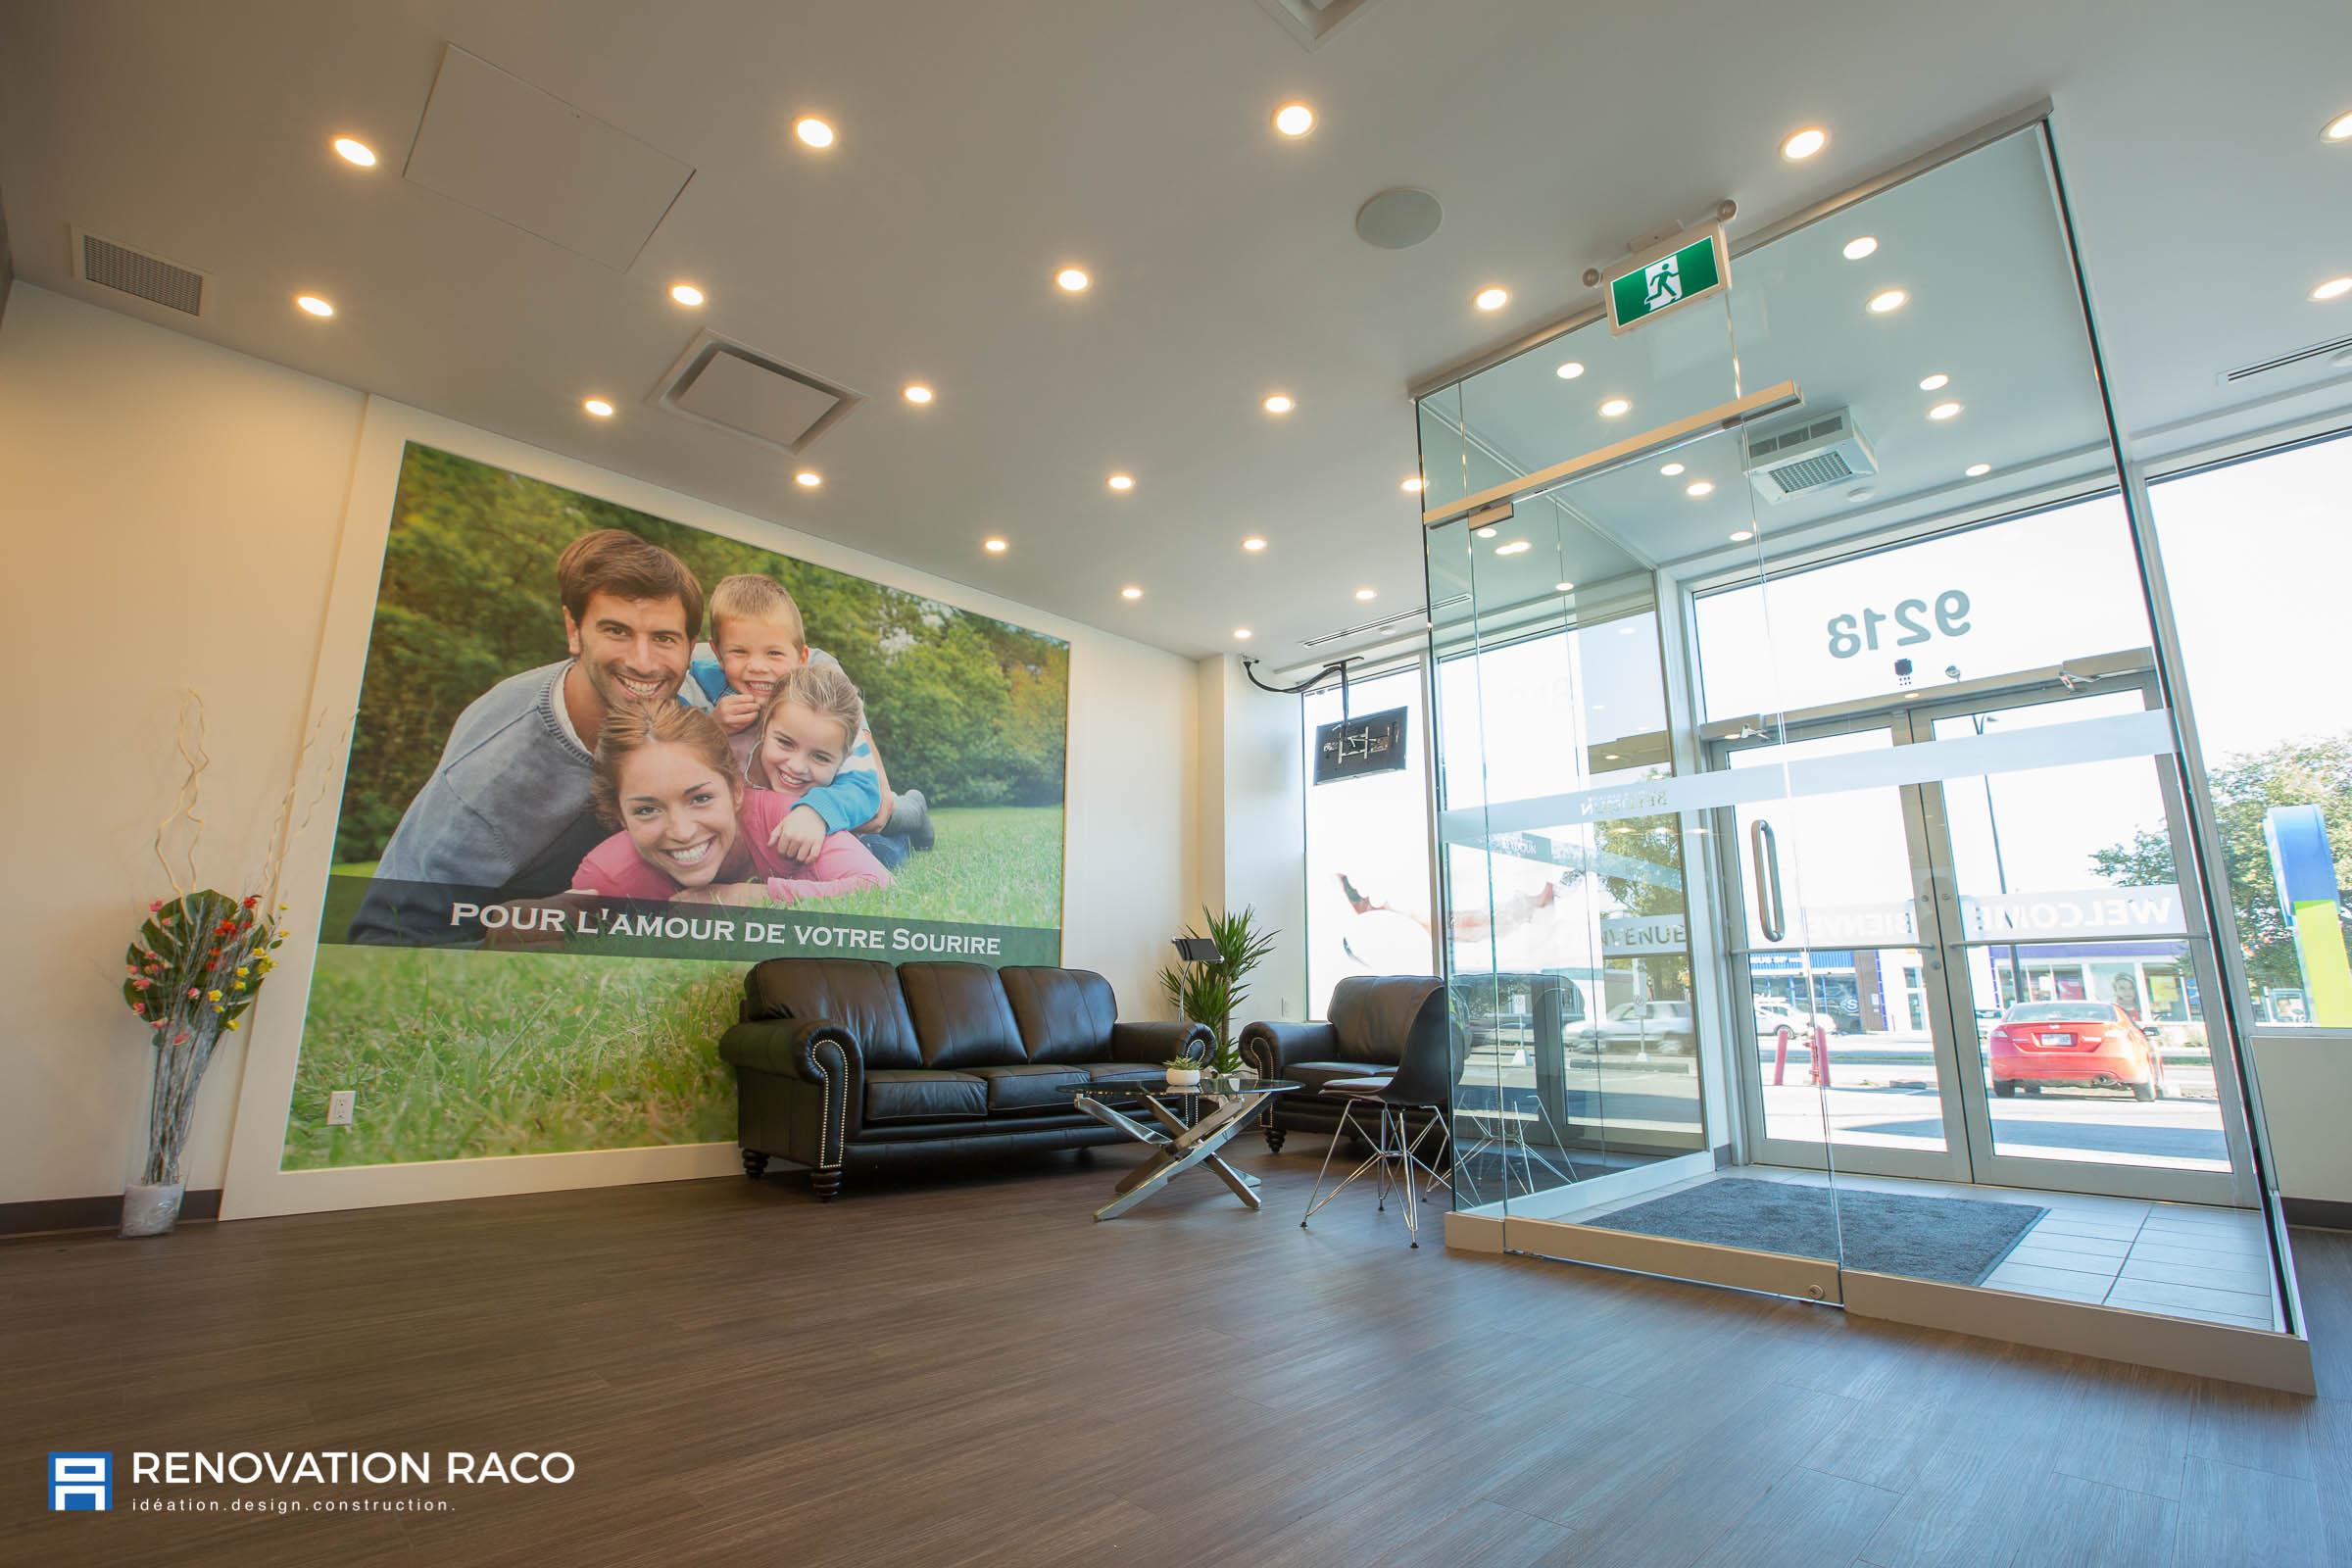 Renovation-Raco-Montreal-clinique Beydoun-01.jpg